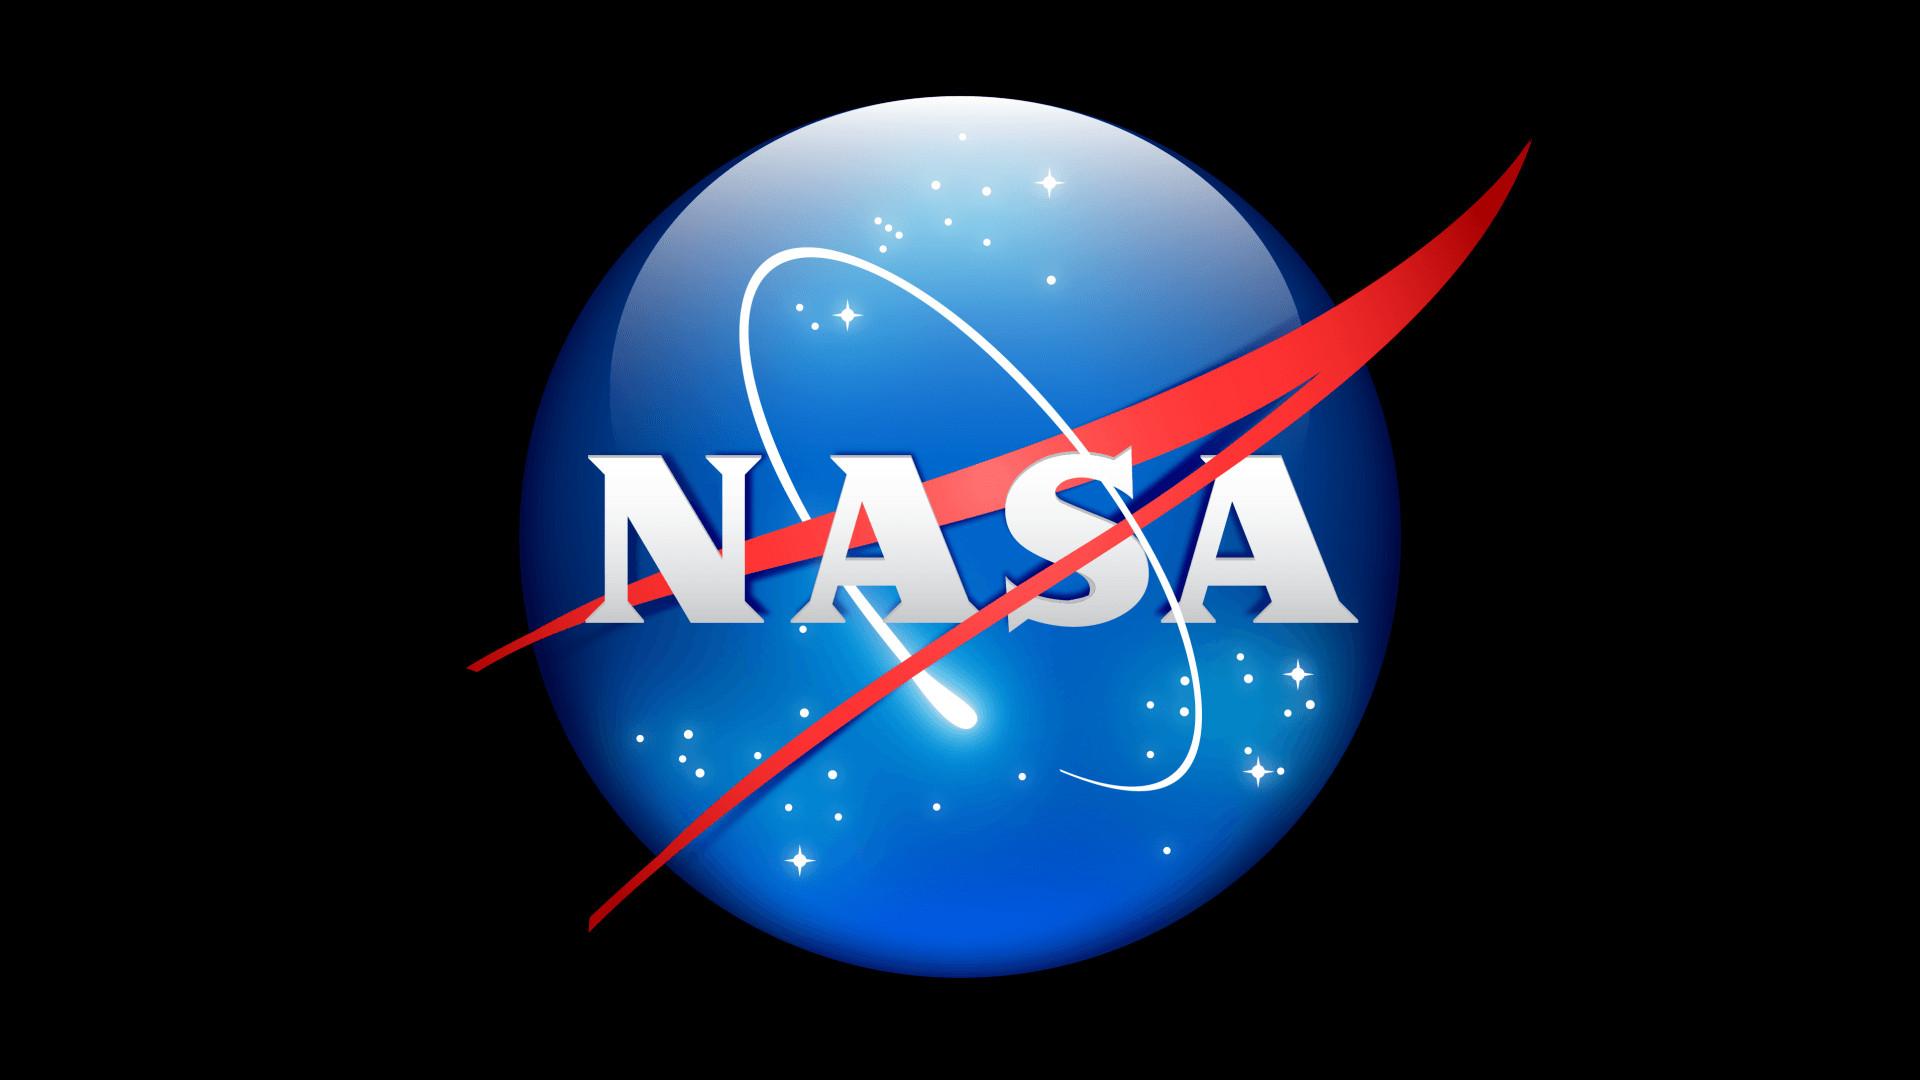 NASA Logo Wallpaper (61+ Images